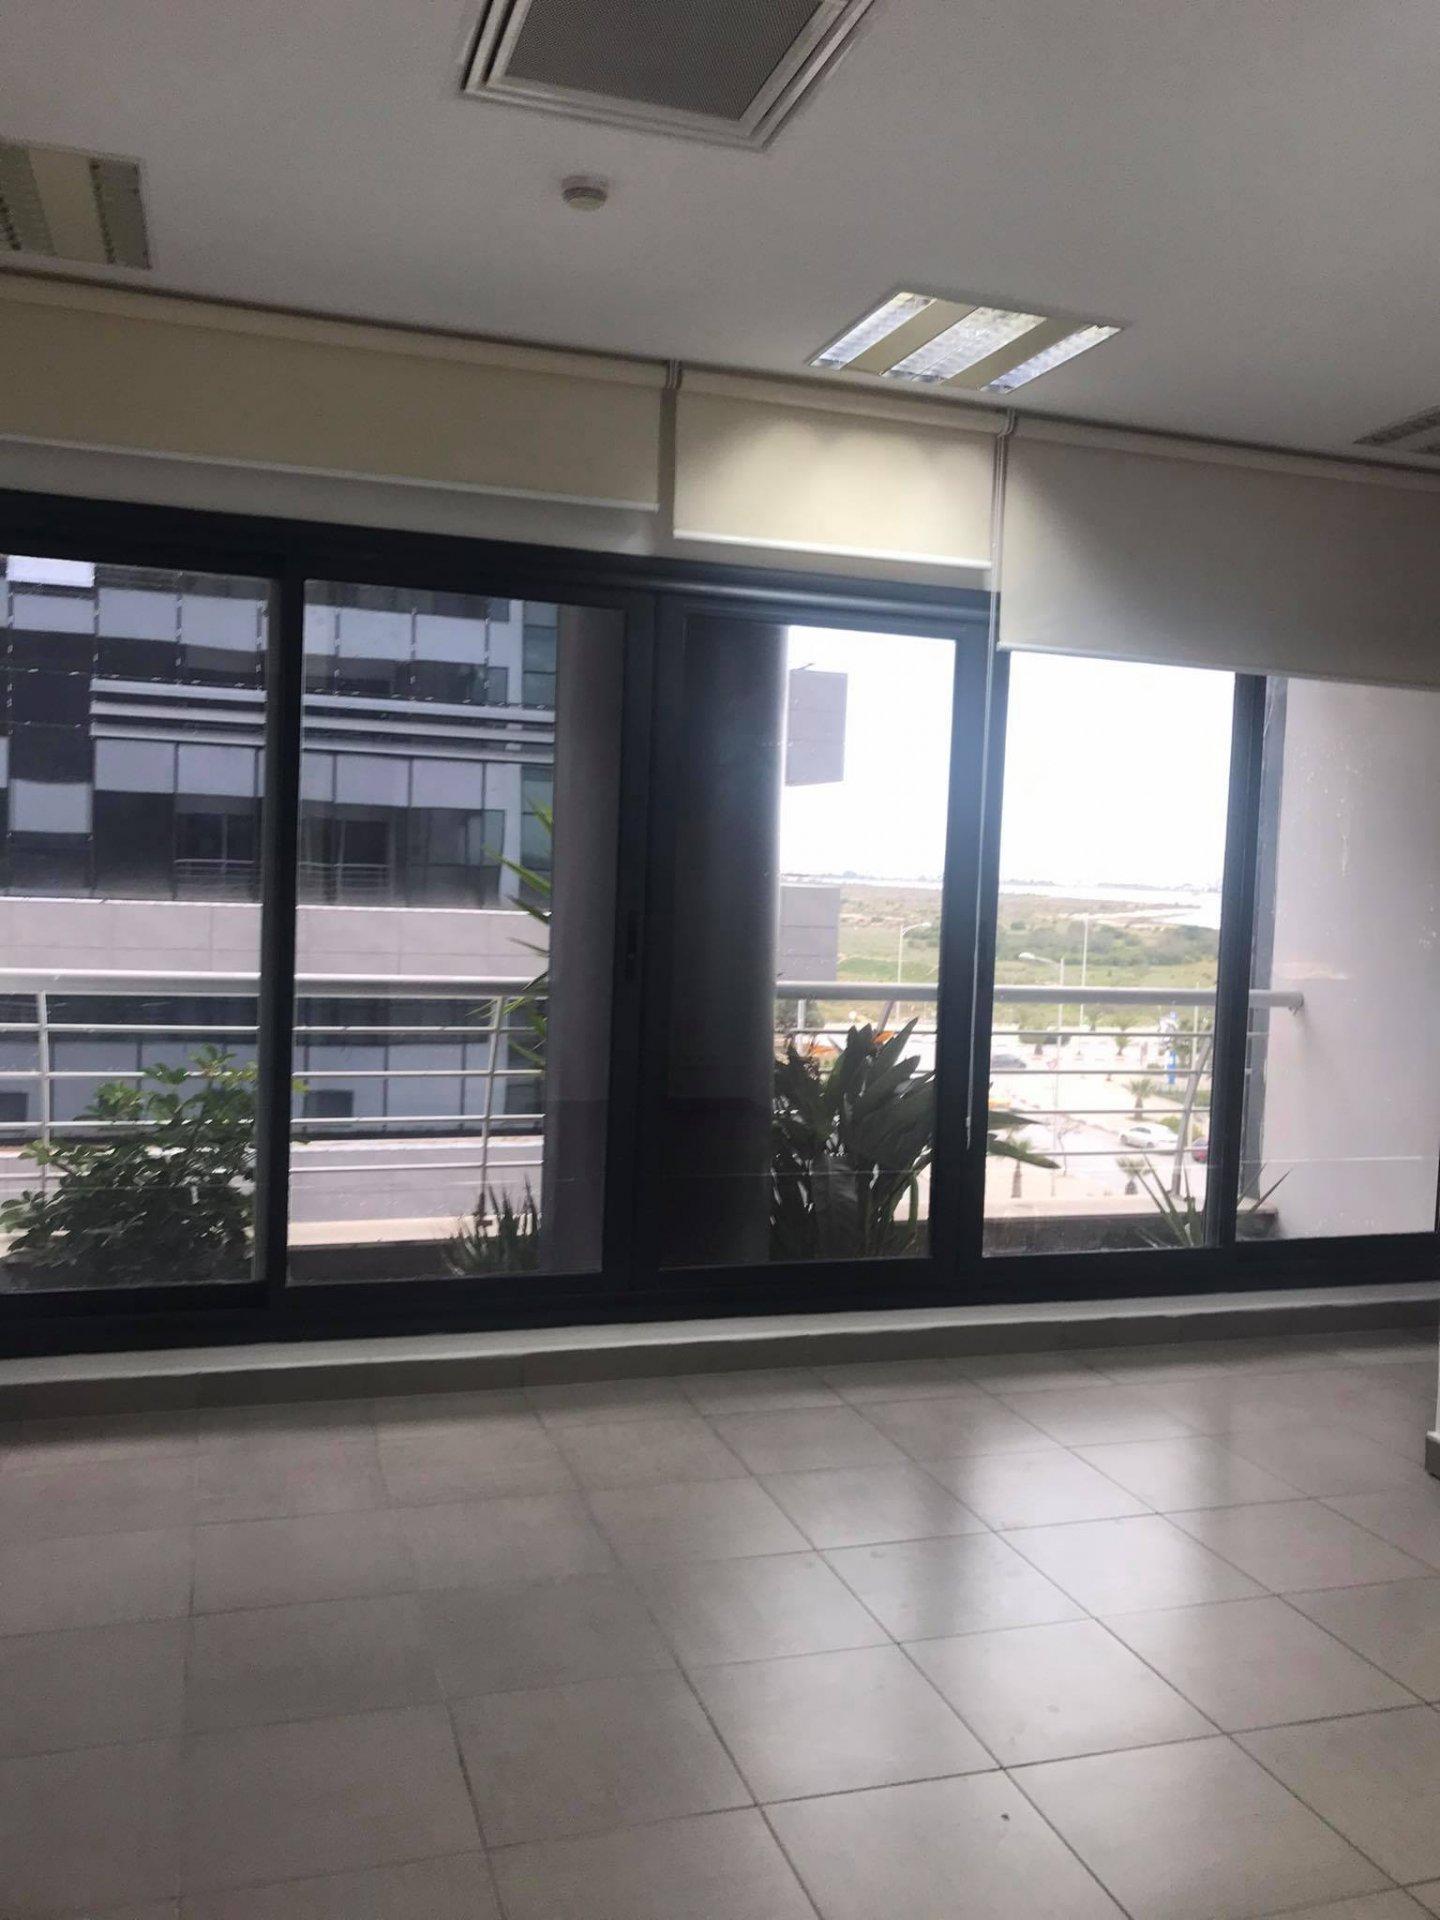 Location bureau 4 pièces et open space de 274 m² au Lac 2